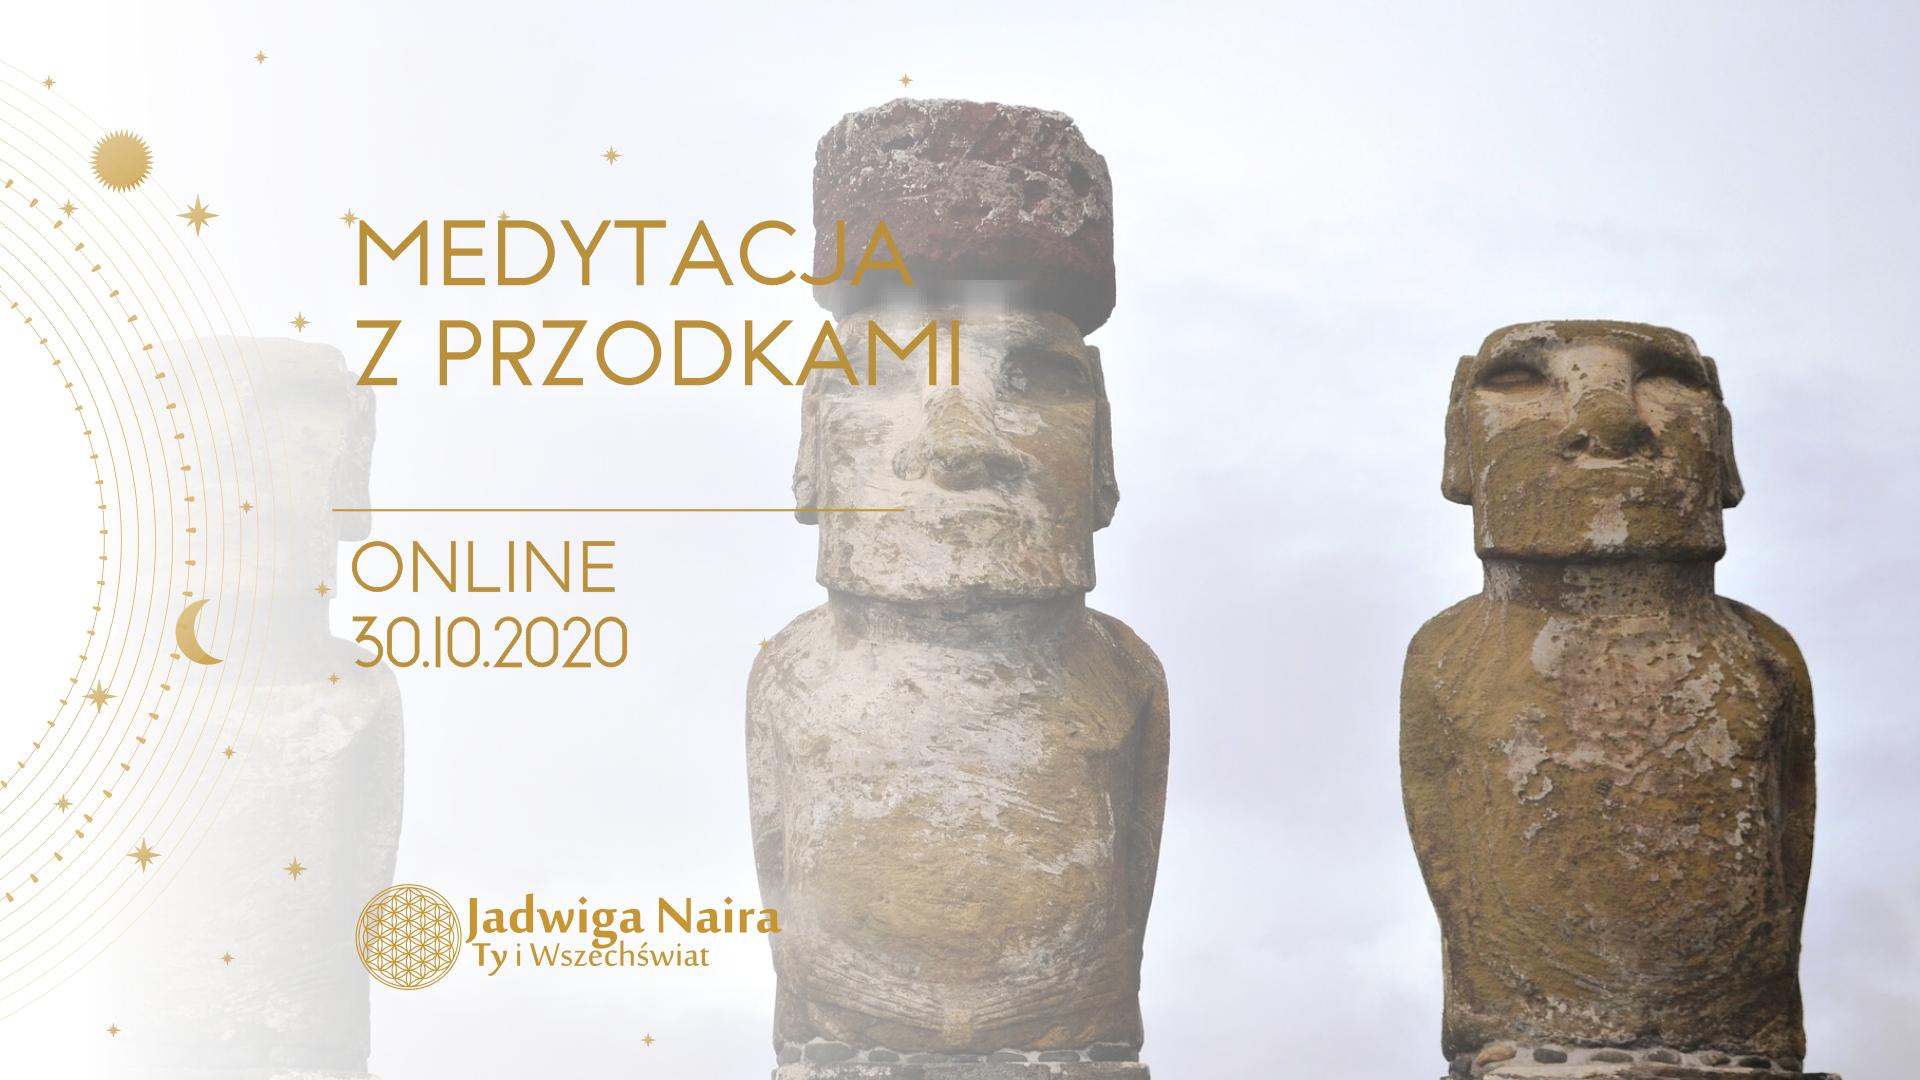 Medytacja online z Przodkami